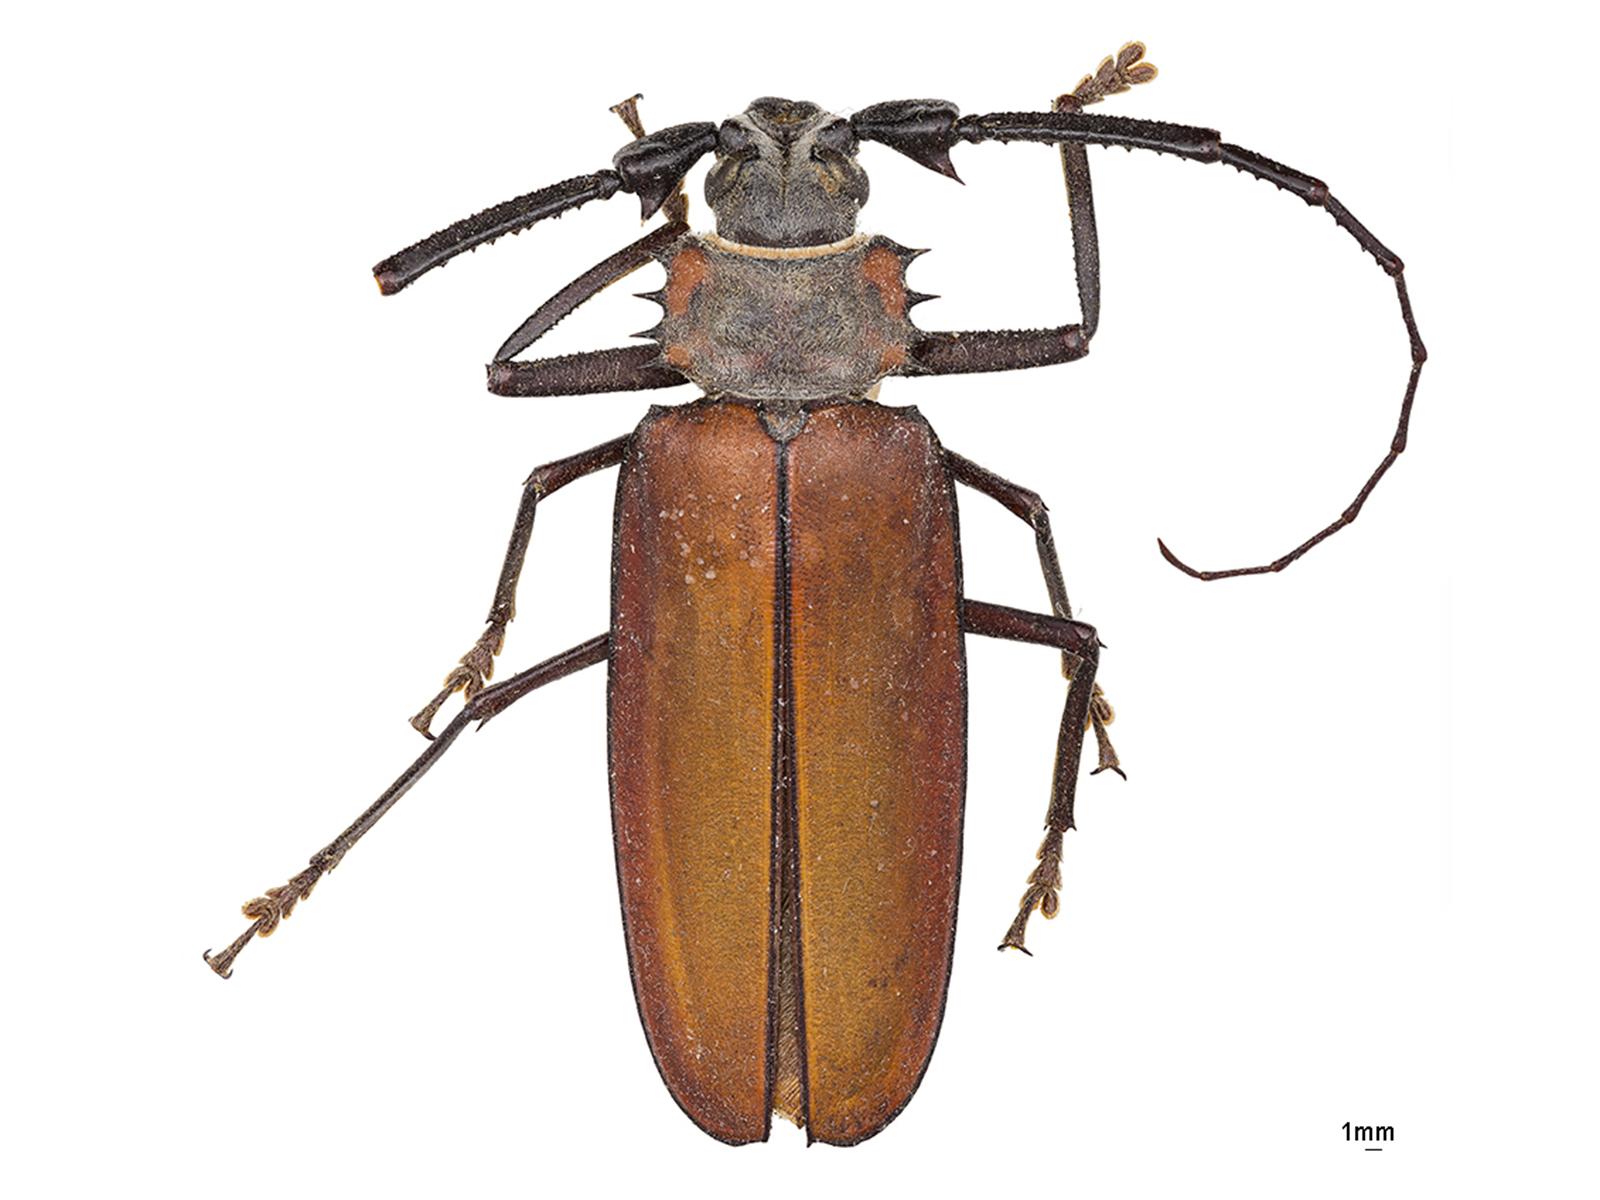 Enoplocerus armillatus (Linnaeus, 1767)